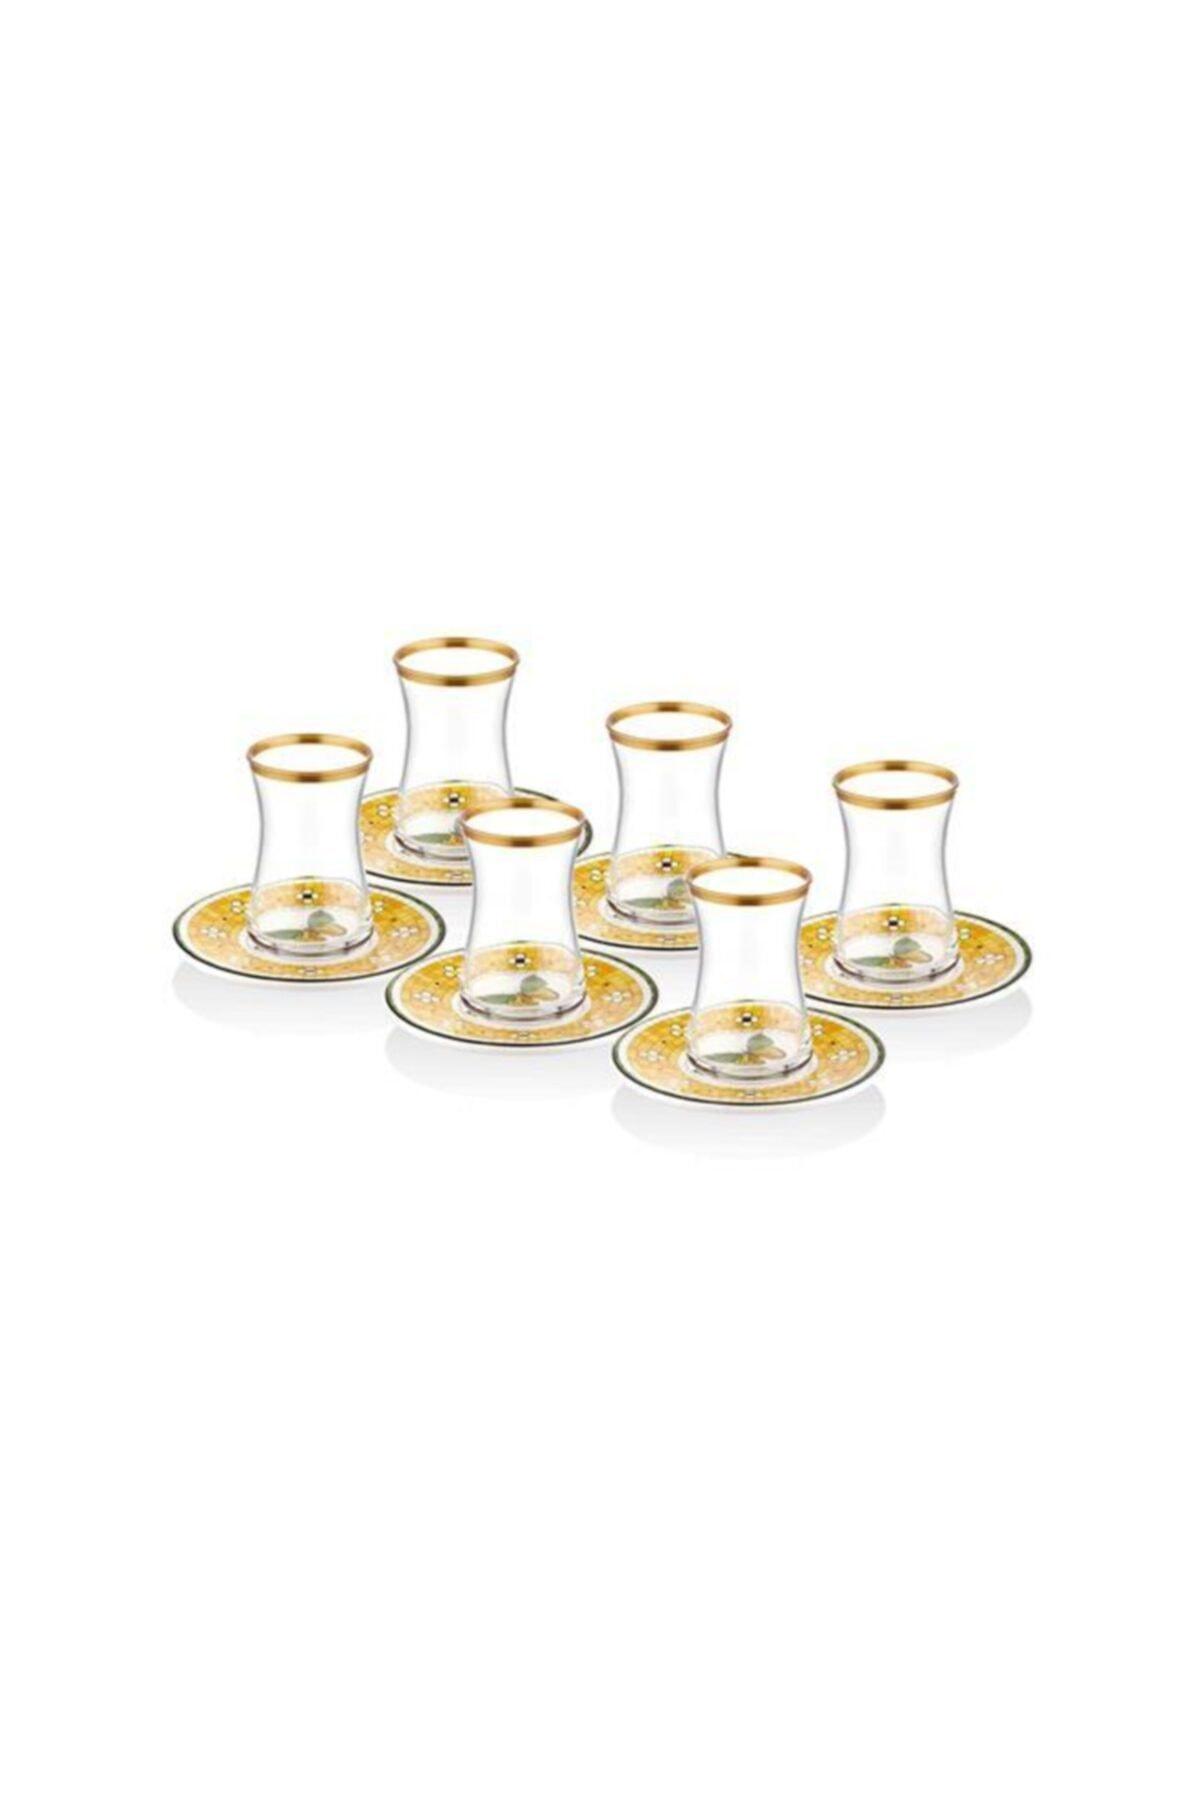 The Mia Patio Stoneware Sarı 12 Parça Çay Bardak Seti Pat0005 1